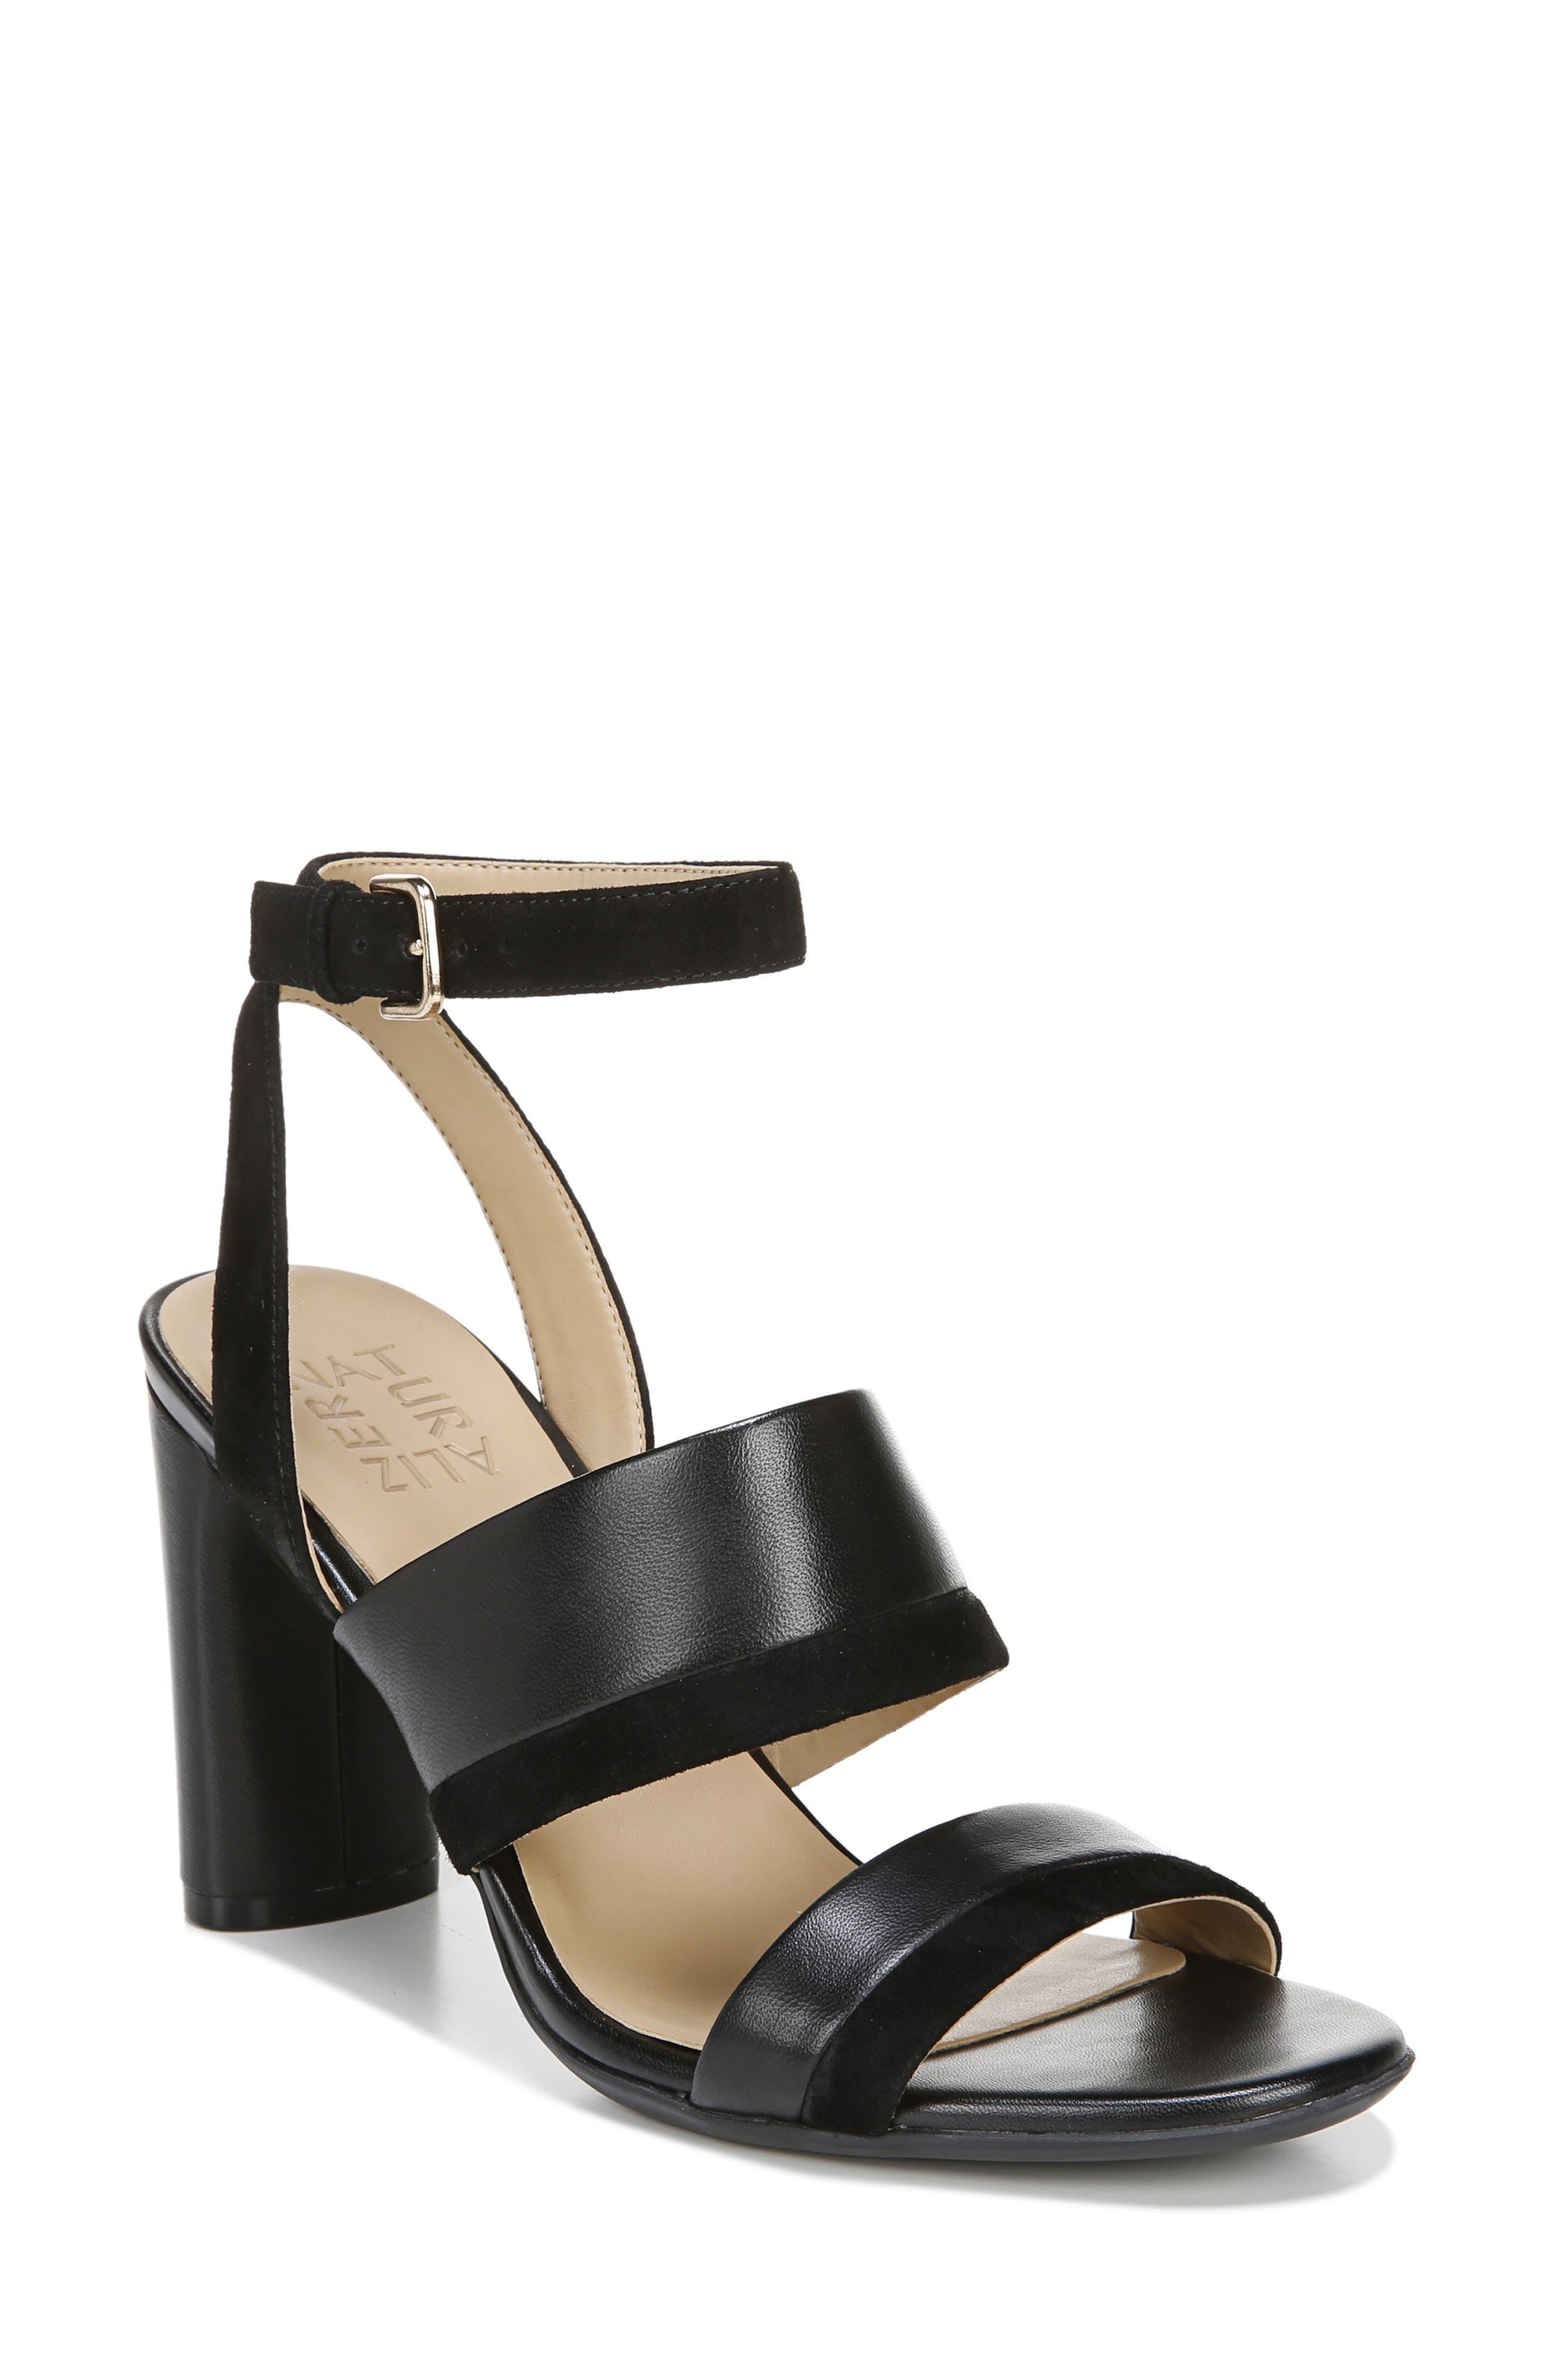 Women's Naturalizer Shoes Sale